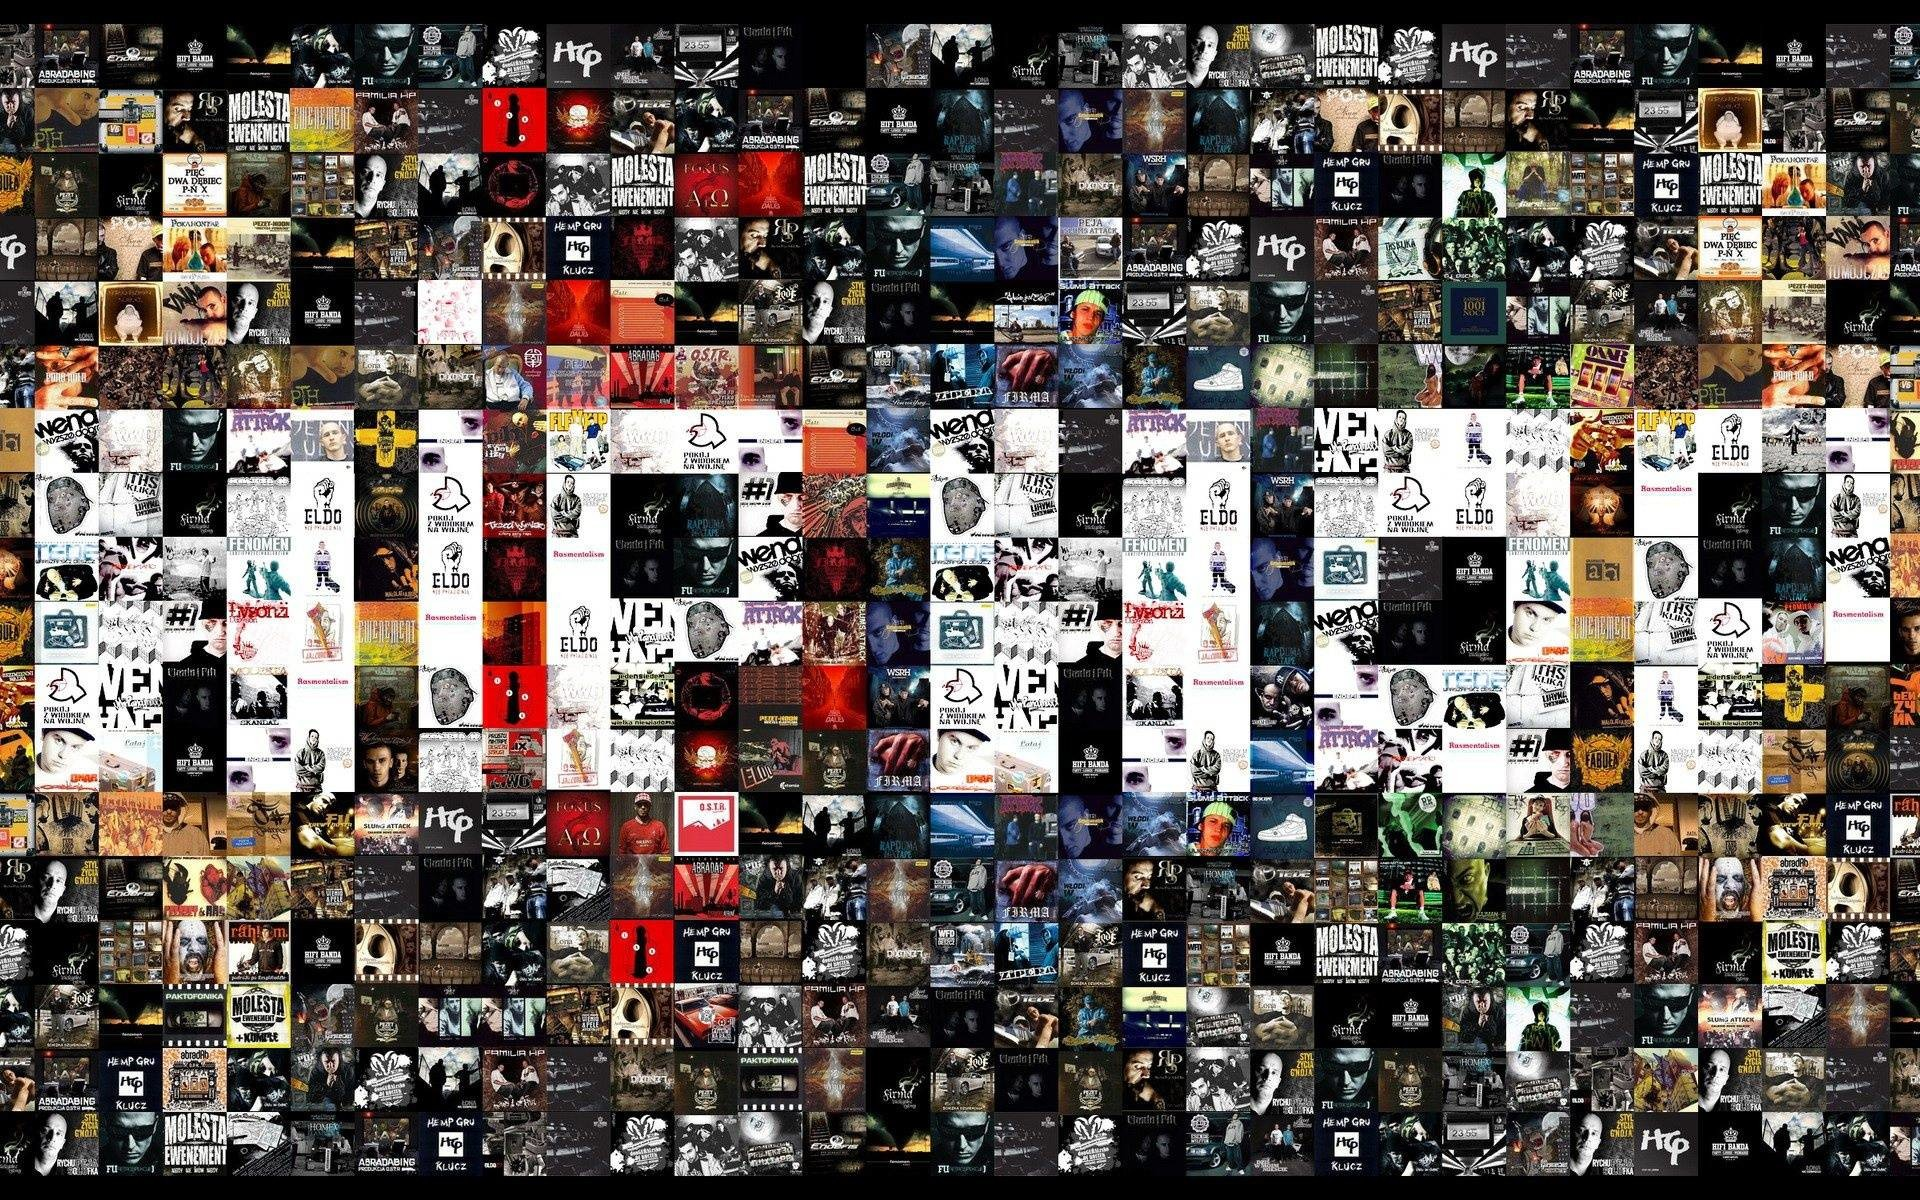 Wallpapers Album (35 Wallpapers)